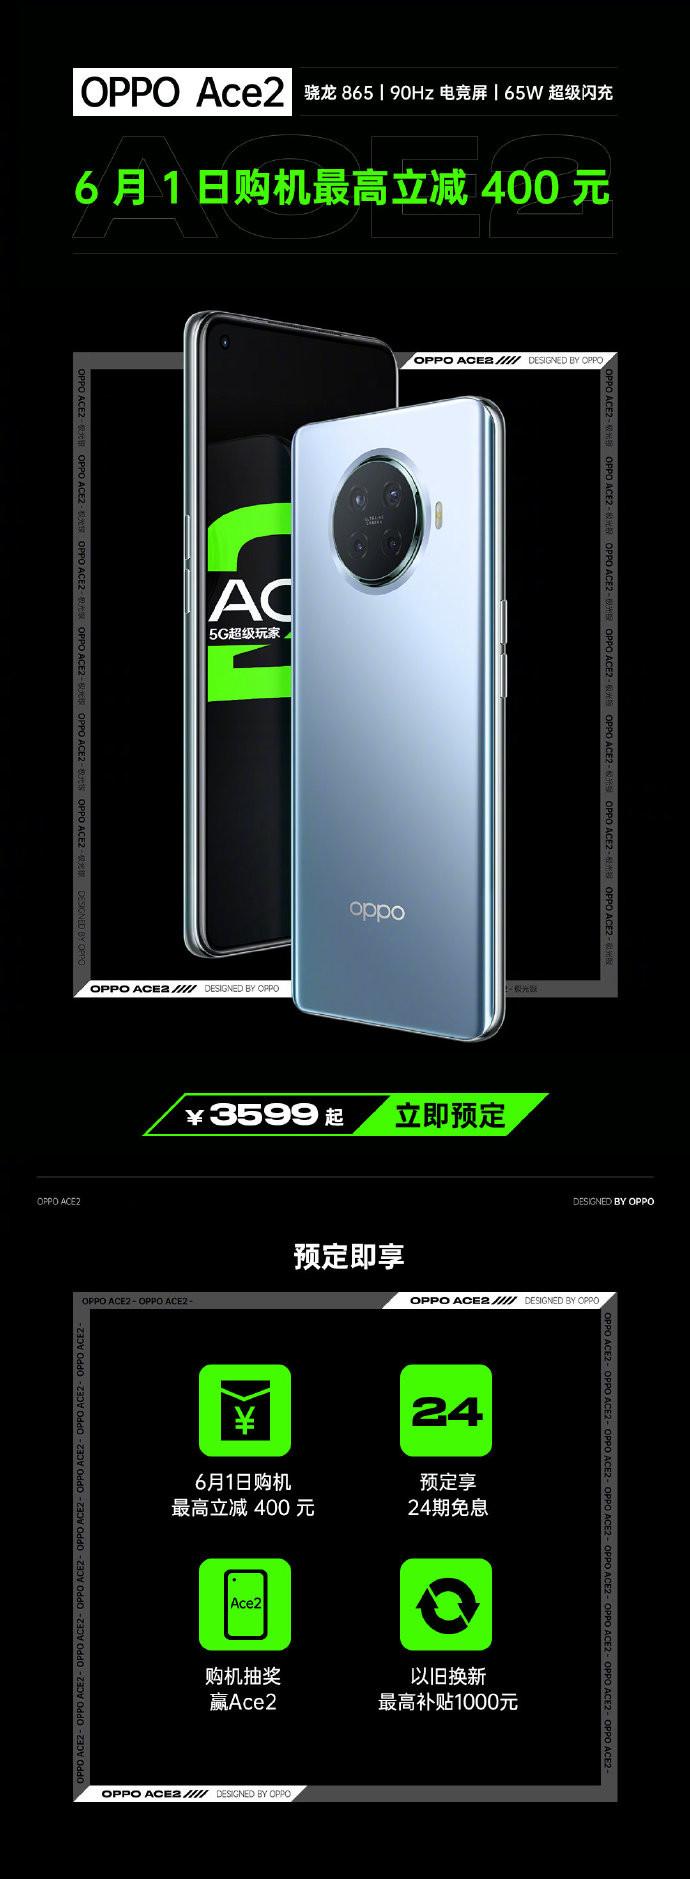 OPPO Ace2 6月1日购机最高立减400元,到手价3599元起